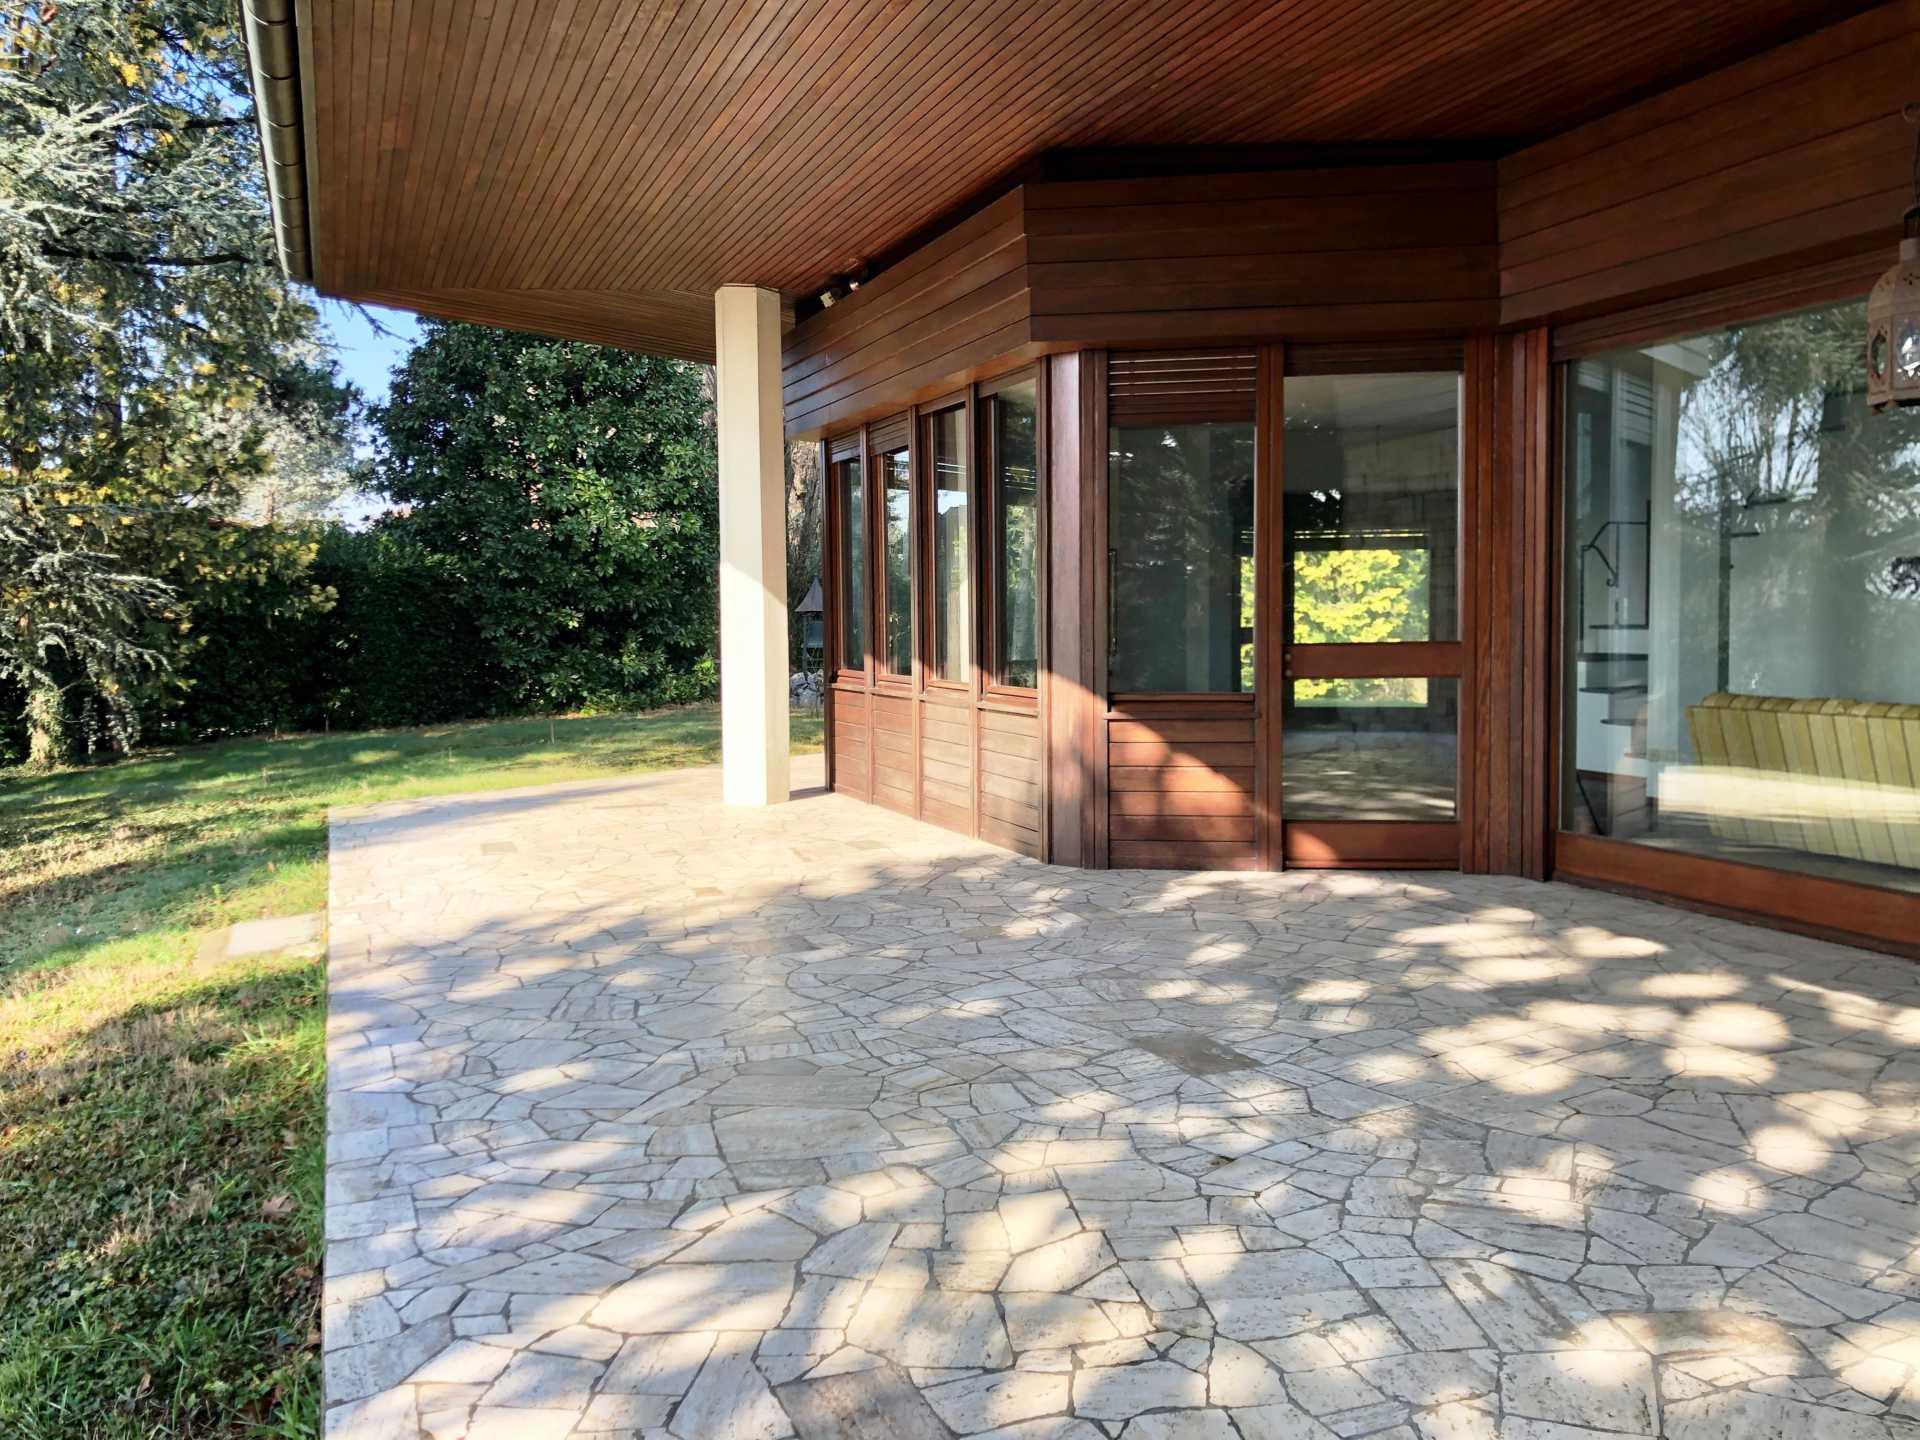 Villa-singola-Carate-Brianza-in-vendita (14)